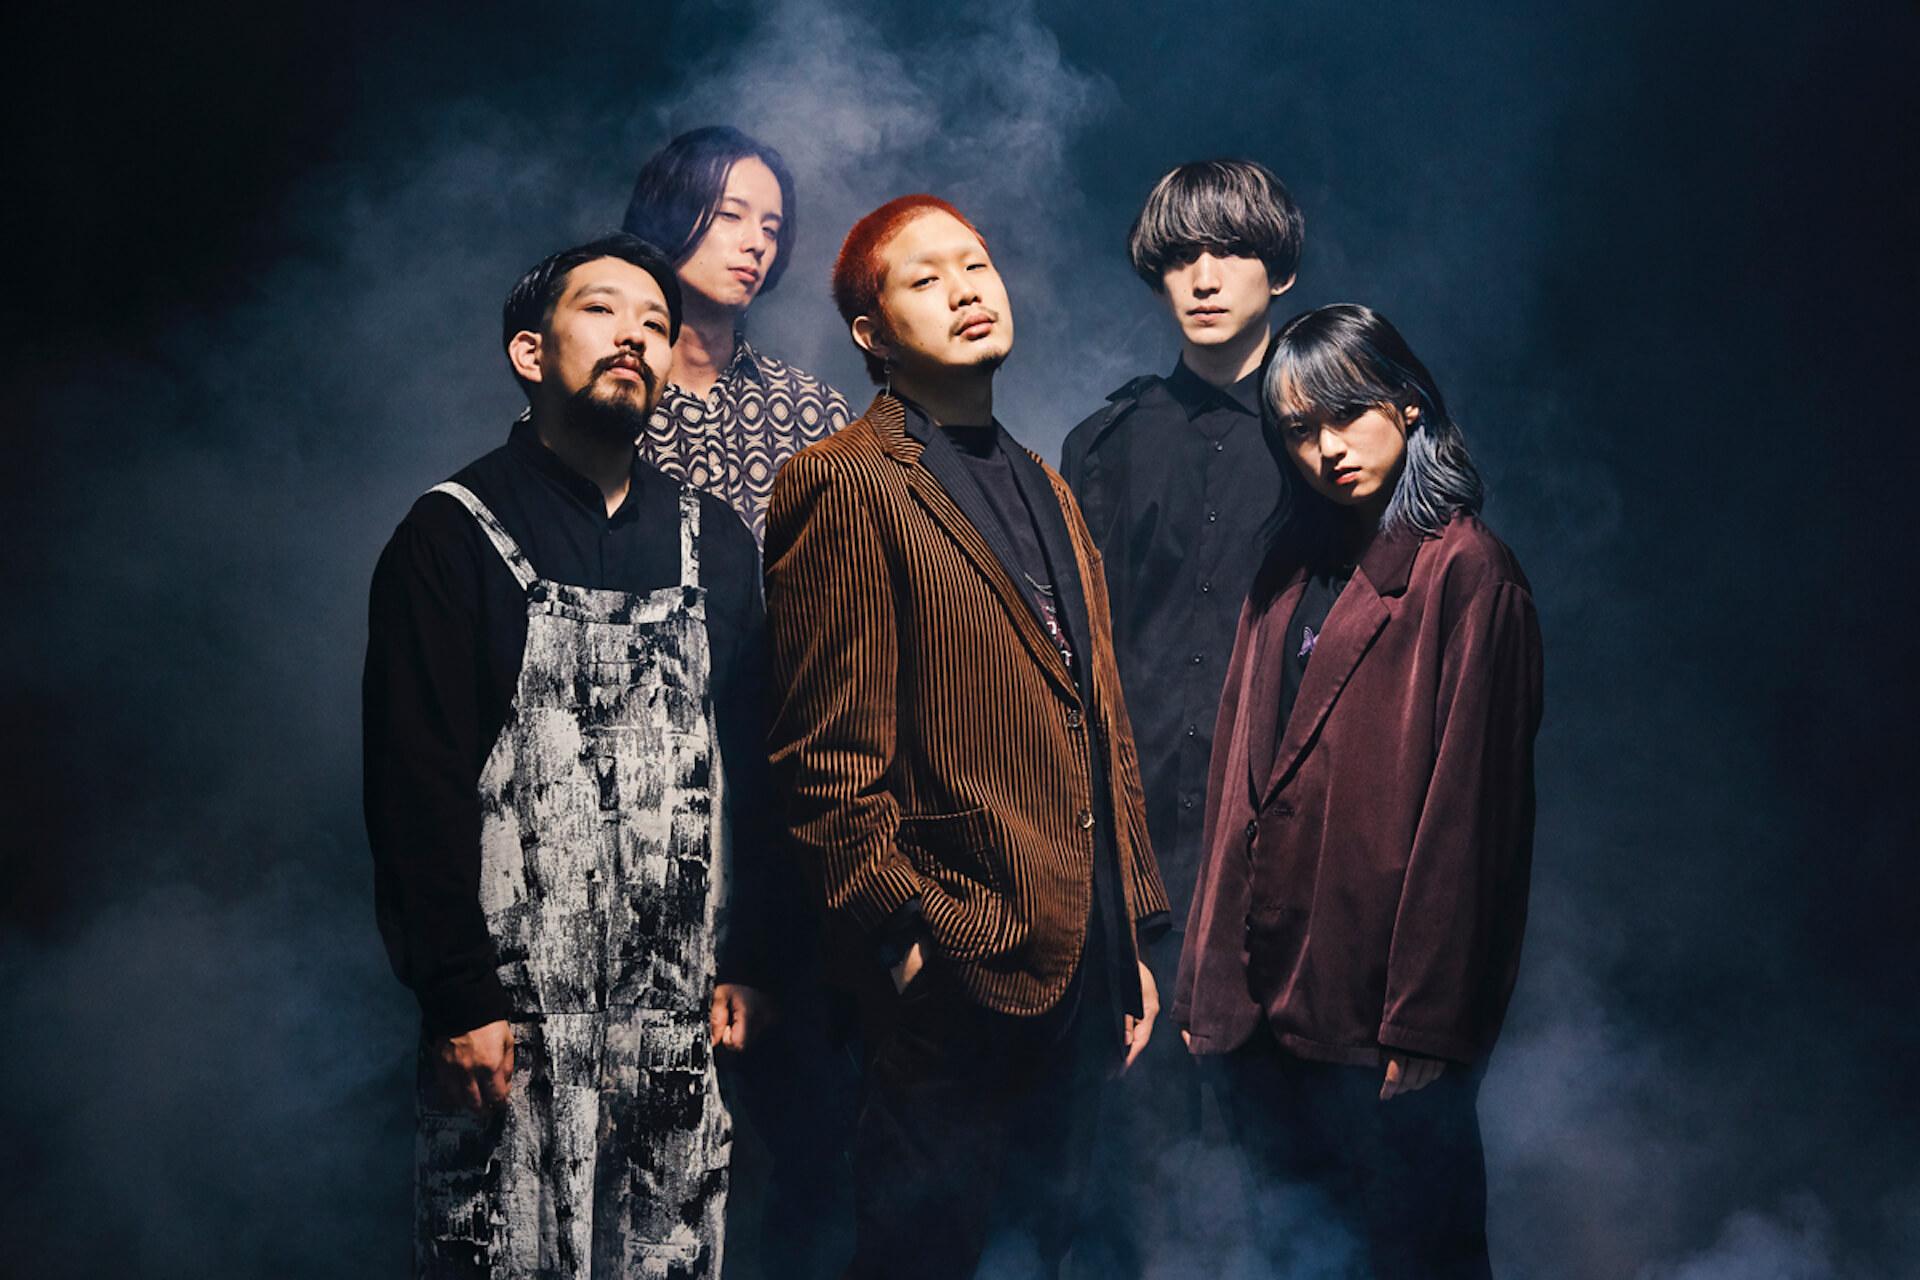 gatoの1stアルバムより人気曲のリミックスアルバムのリリースが決定!ケンモチヒデフミ、80KIDZなど多数参加 music210507_gato-210507_4